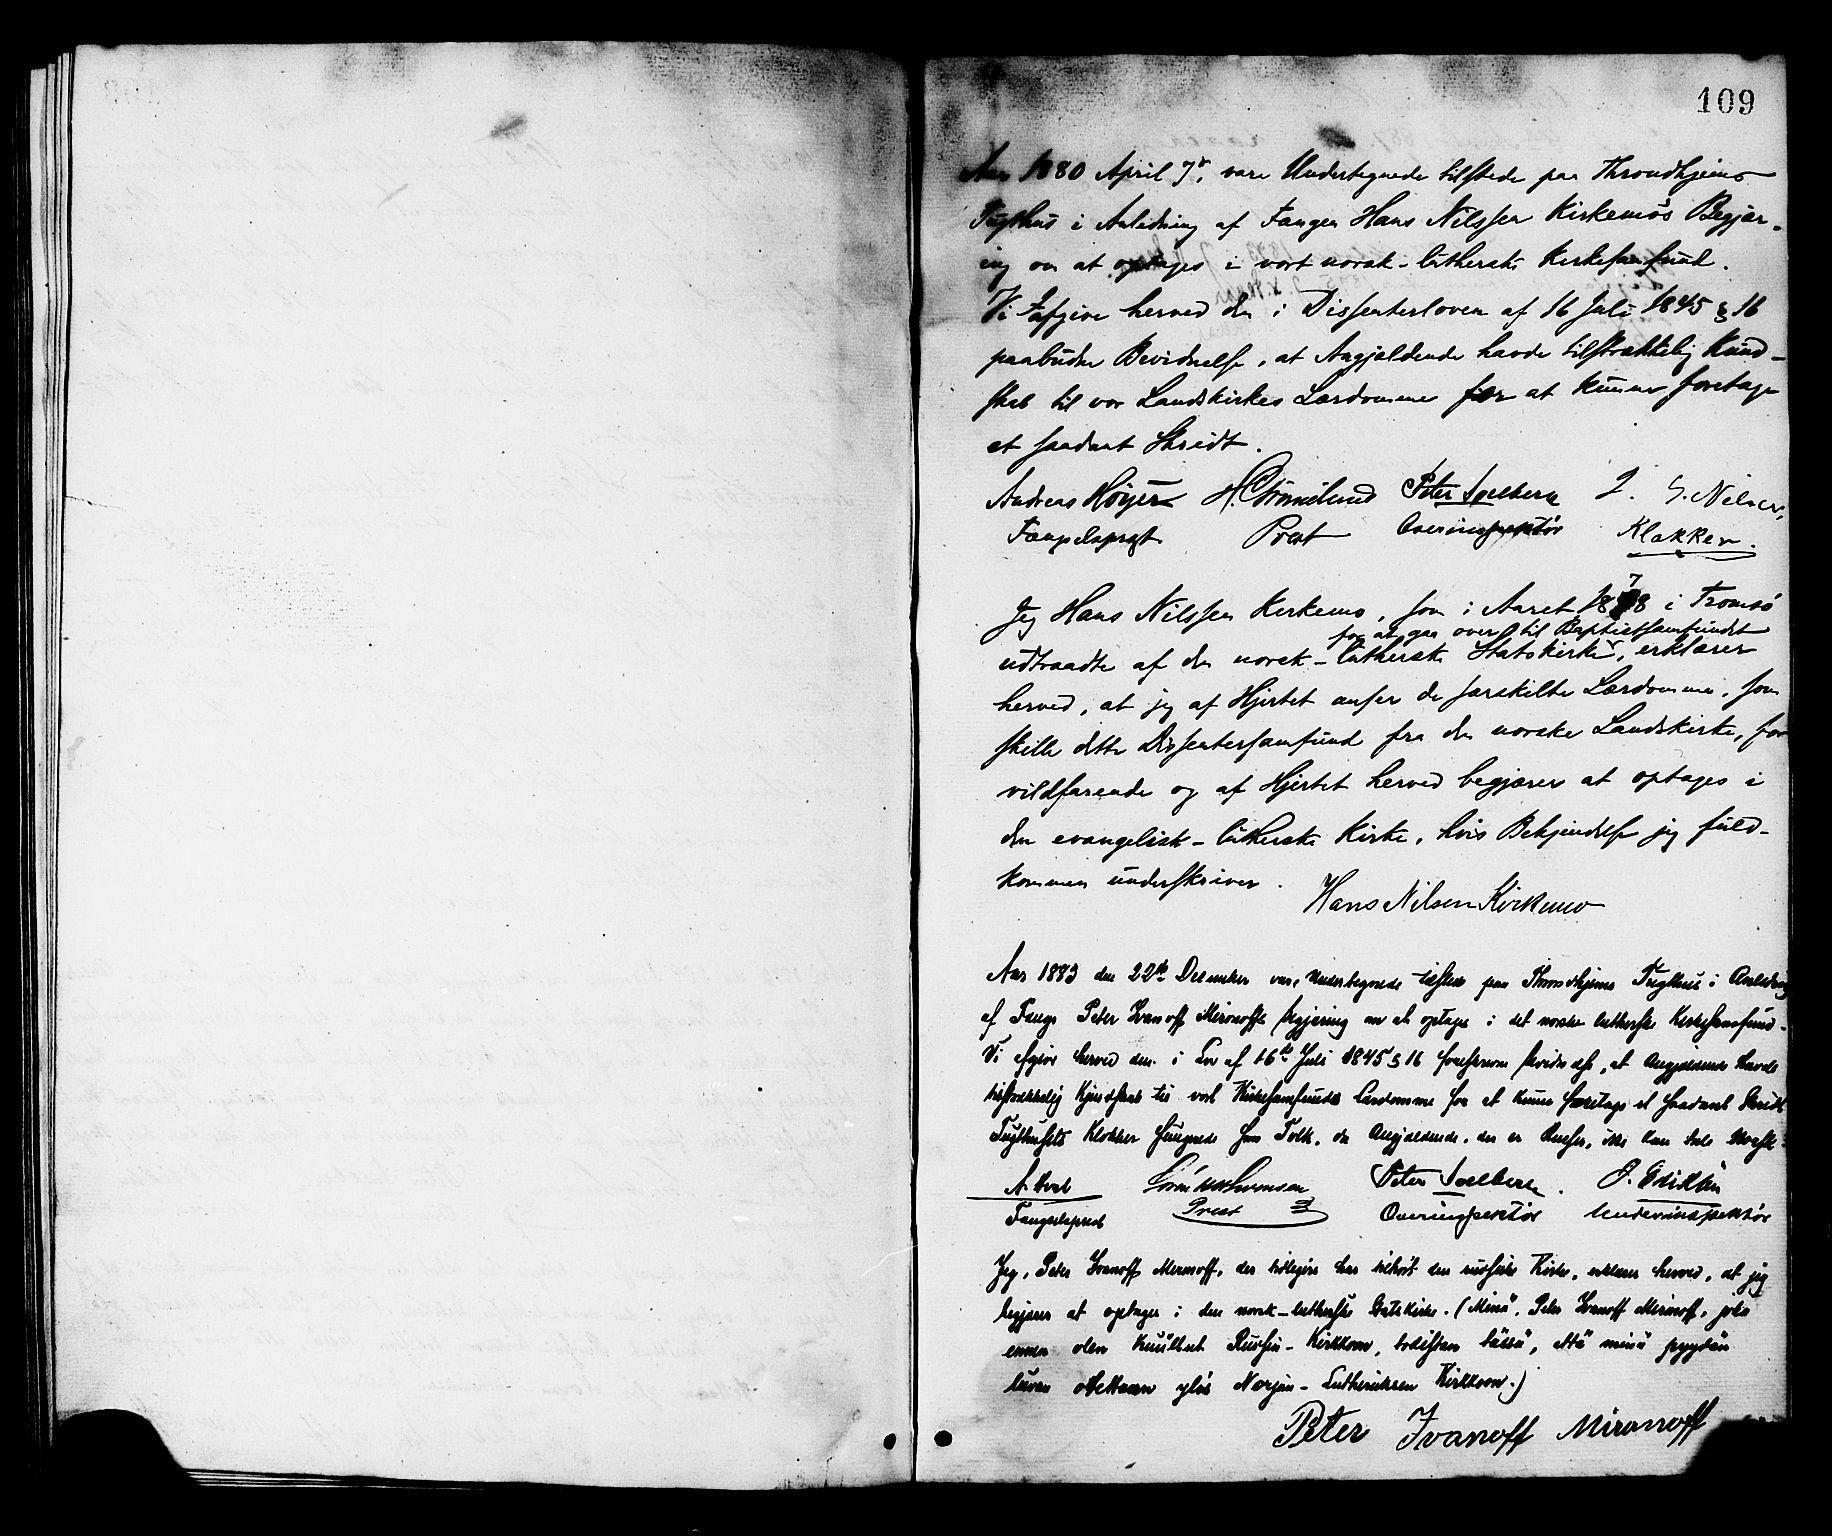 SAT, Ministerialprotokoller, klokkerbøker og fødselsregistre - Sør-Trøndelag, 624/L0482: Ministerialbok nr. 624A03, 1870-1918, s. 109